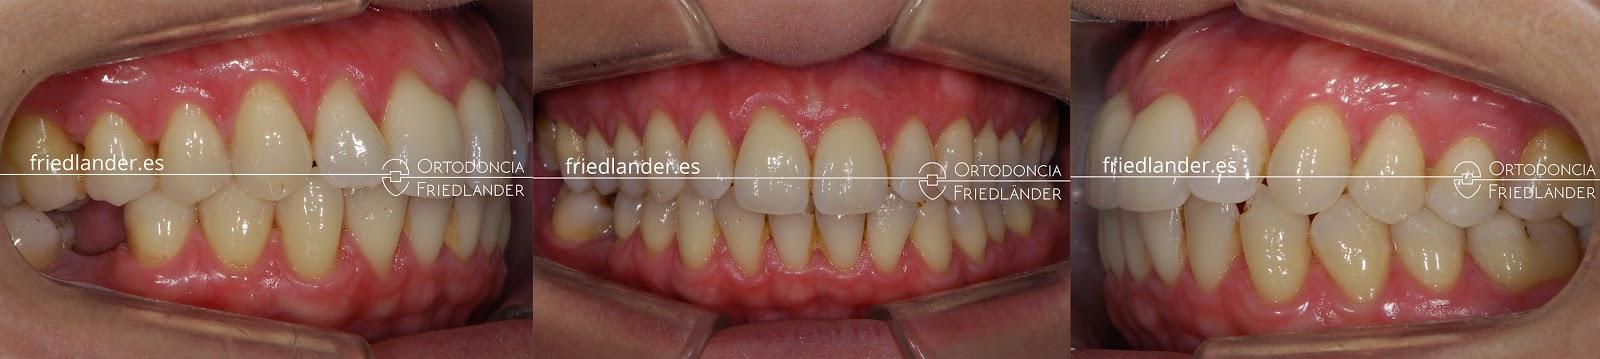 Me falta una muela - ¿se puede cerrar el espacio con ortodoncia? 5